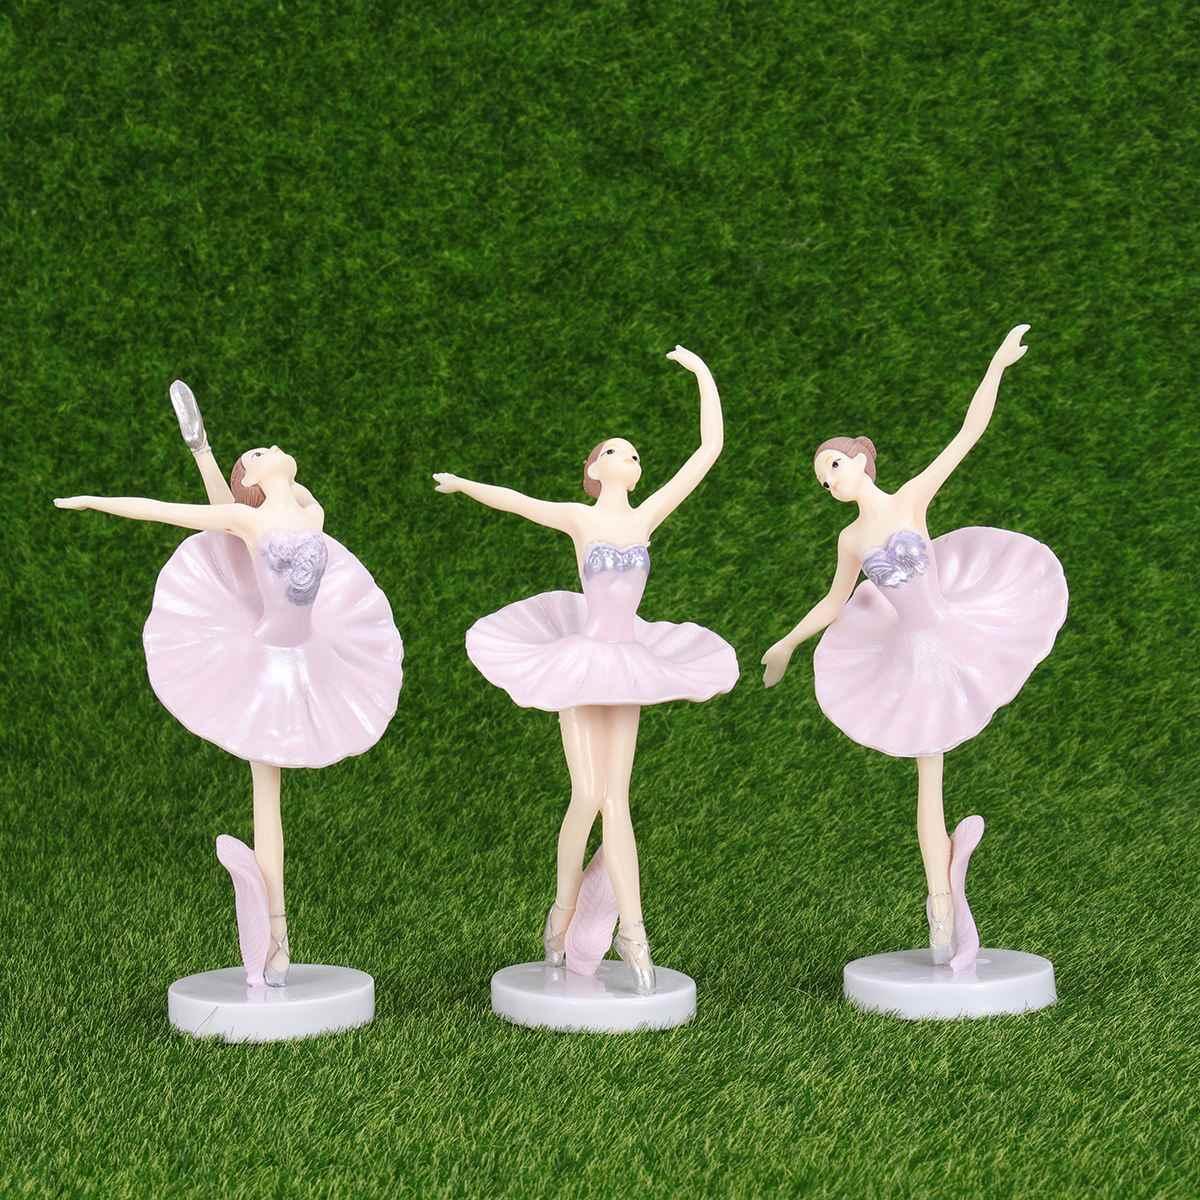 3pcs Ballerina Statua Ornamento Desktop Ballerina Figurine Ornamenti Figurine Miniature Dancing Girl Artigianato Figurine decorazioni per La Casa